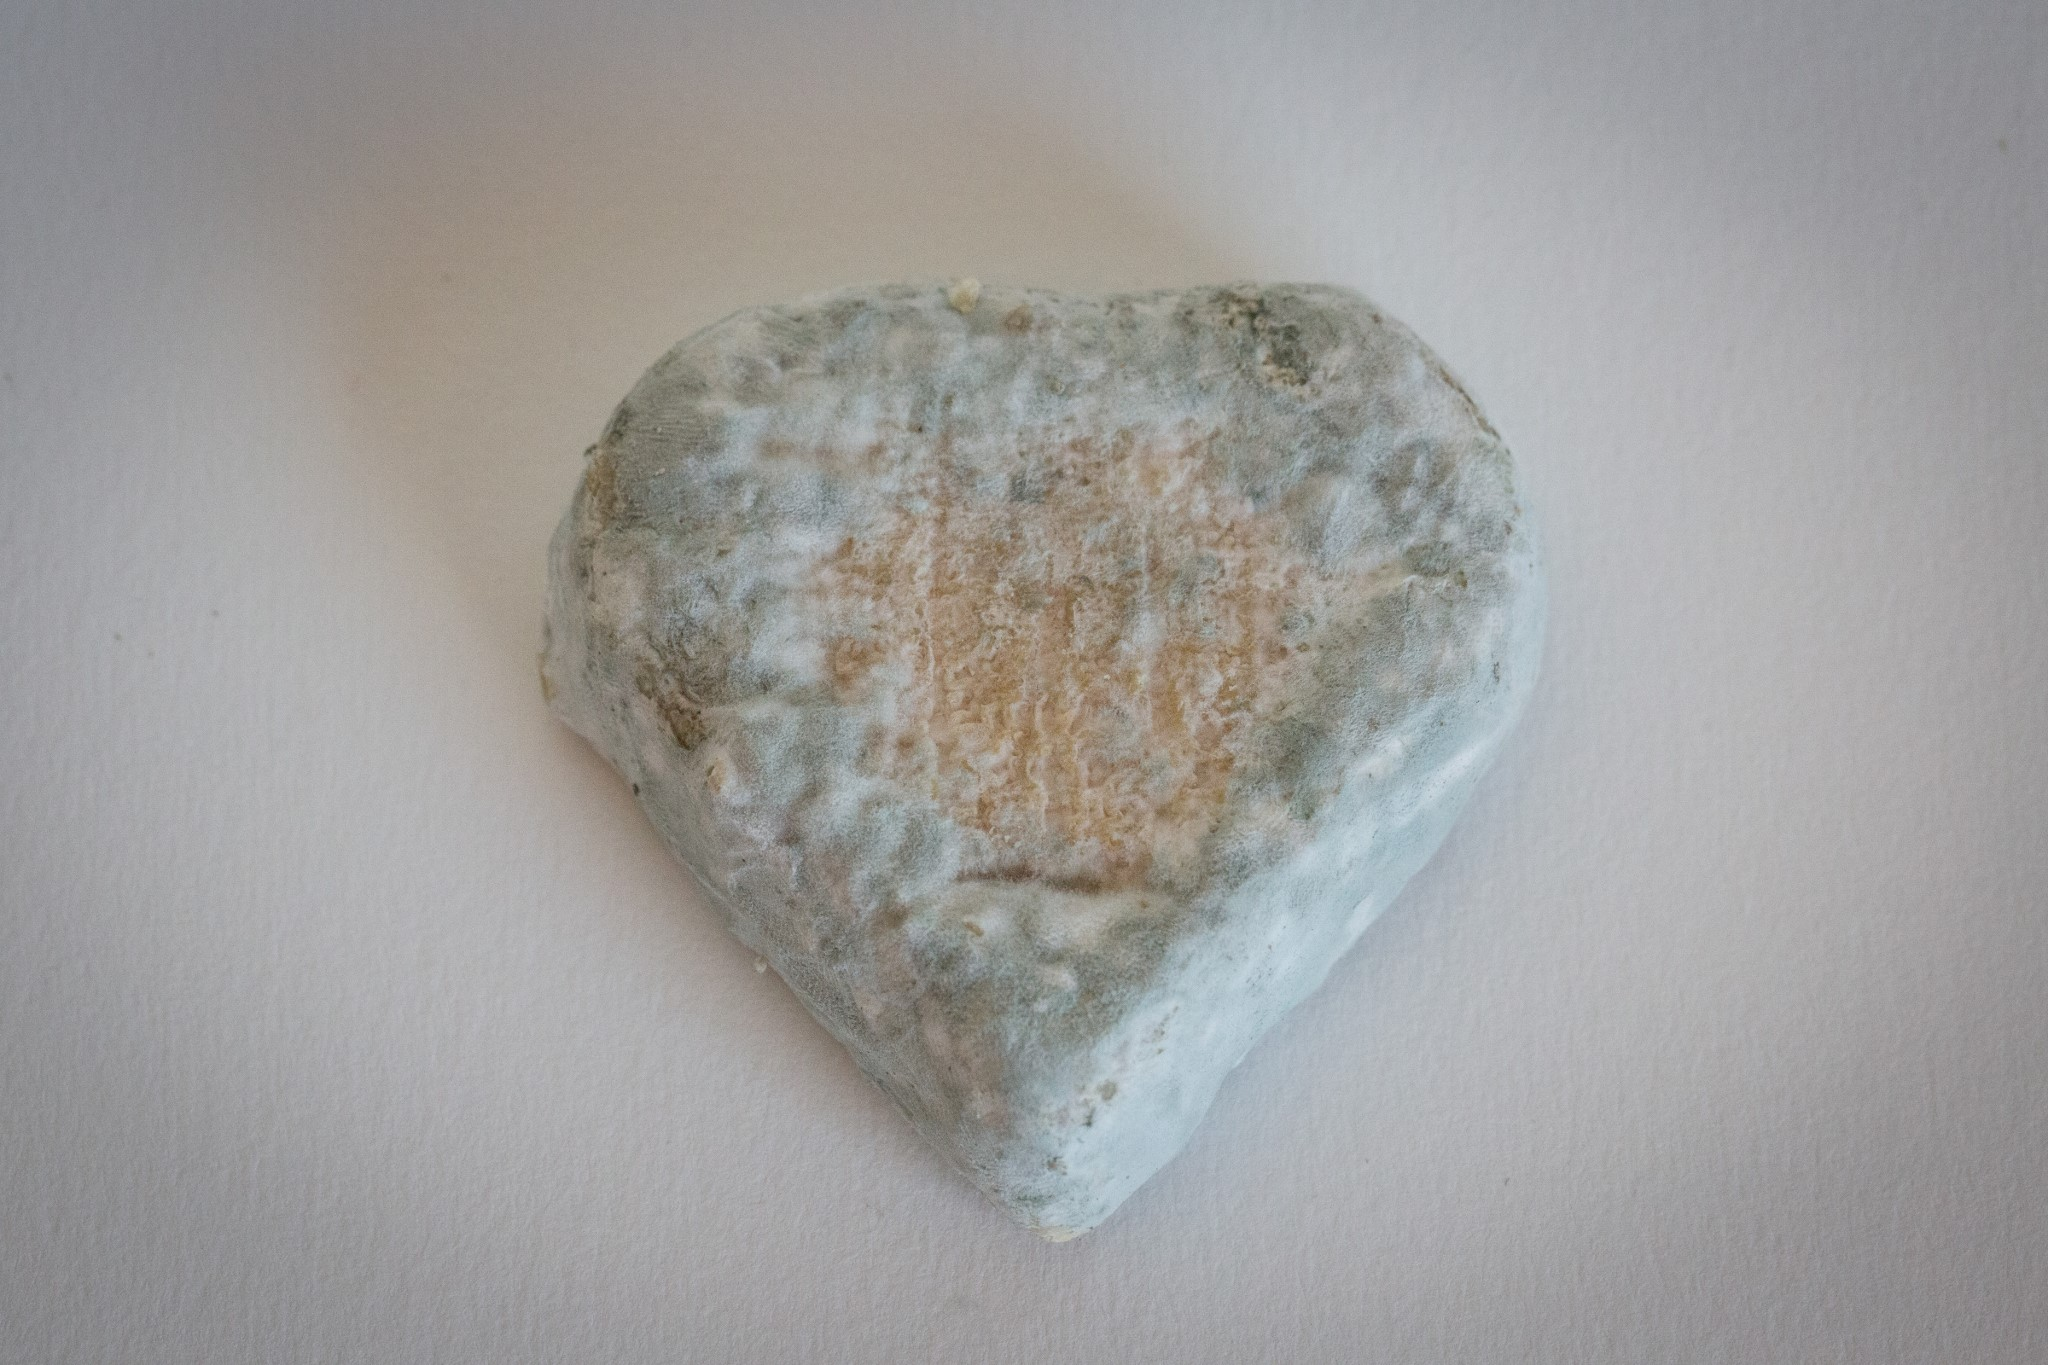 fromage-de-chevre-sacre-coeur-2